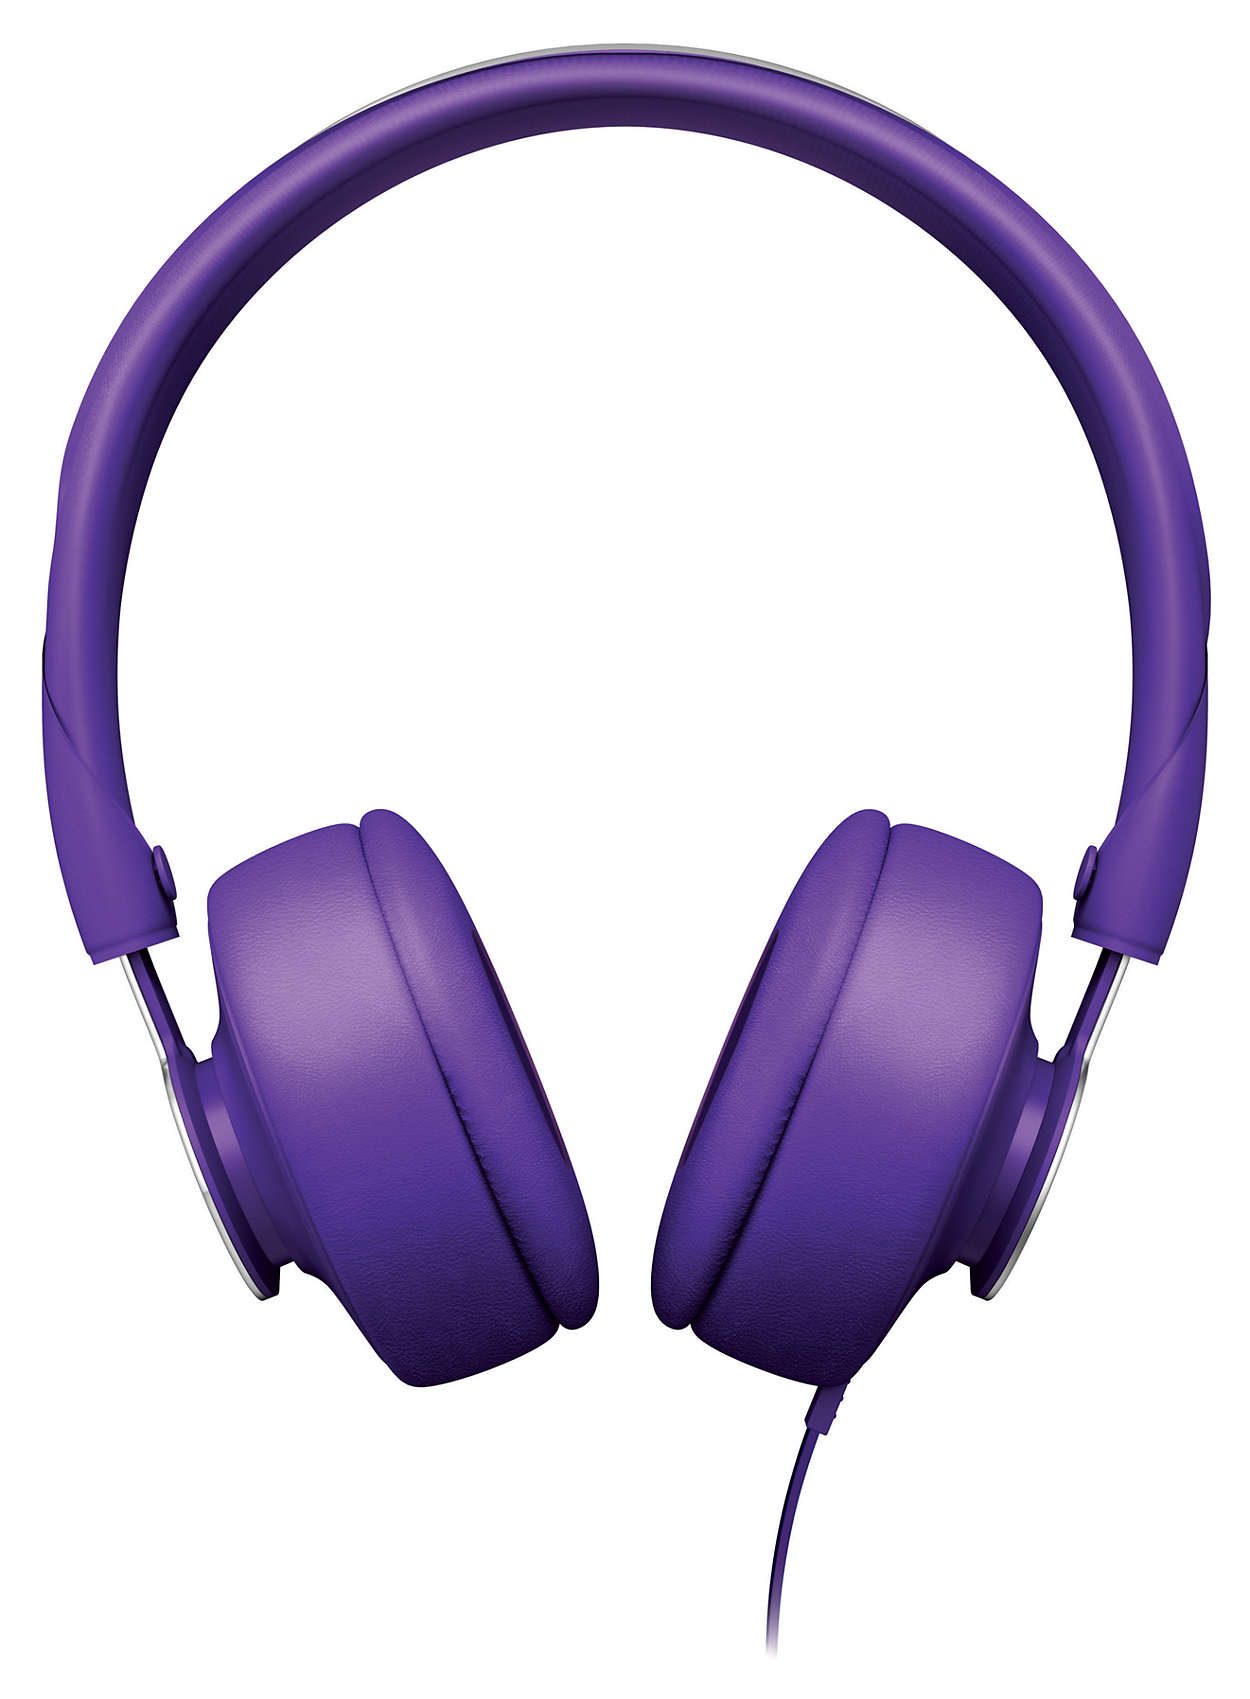 Ponorte sa do čistého a prirodzeného zvuku